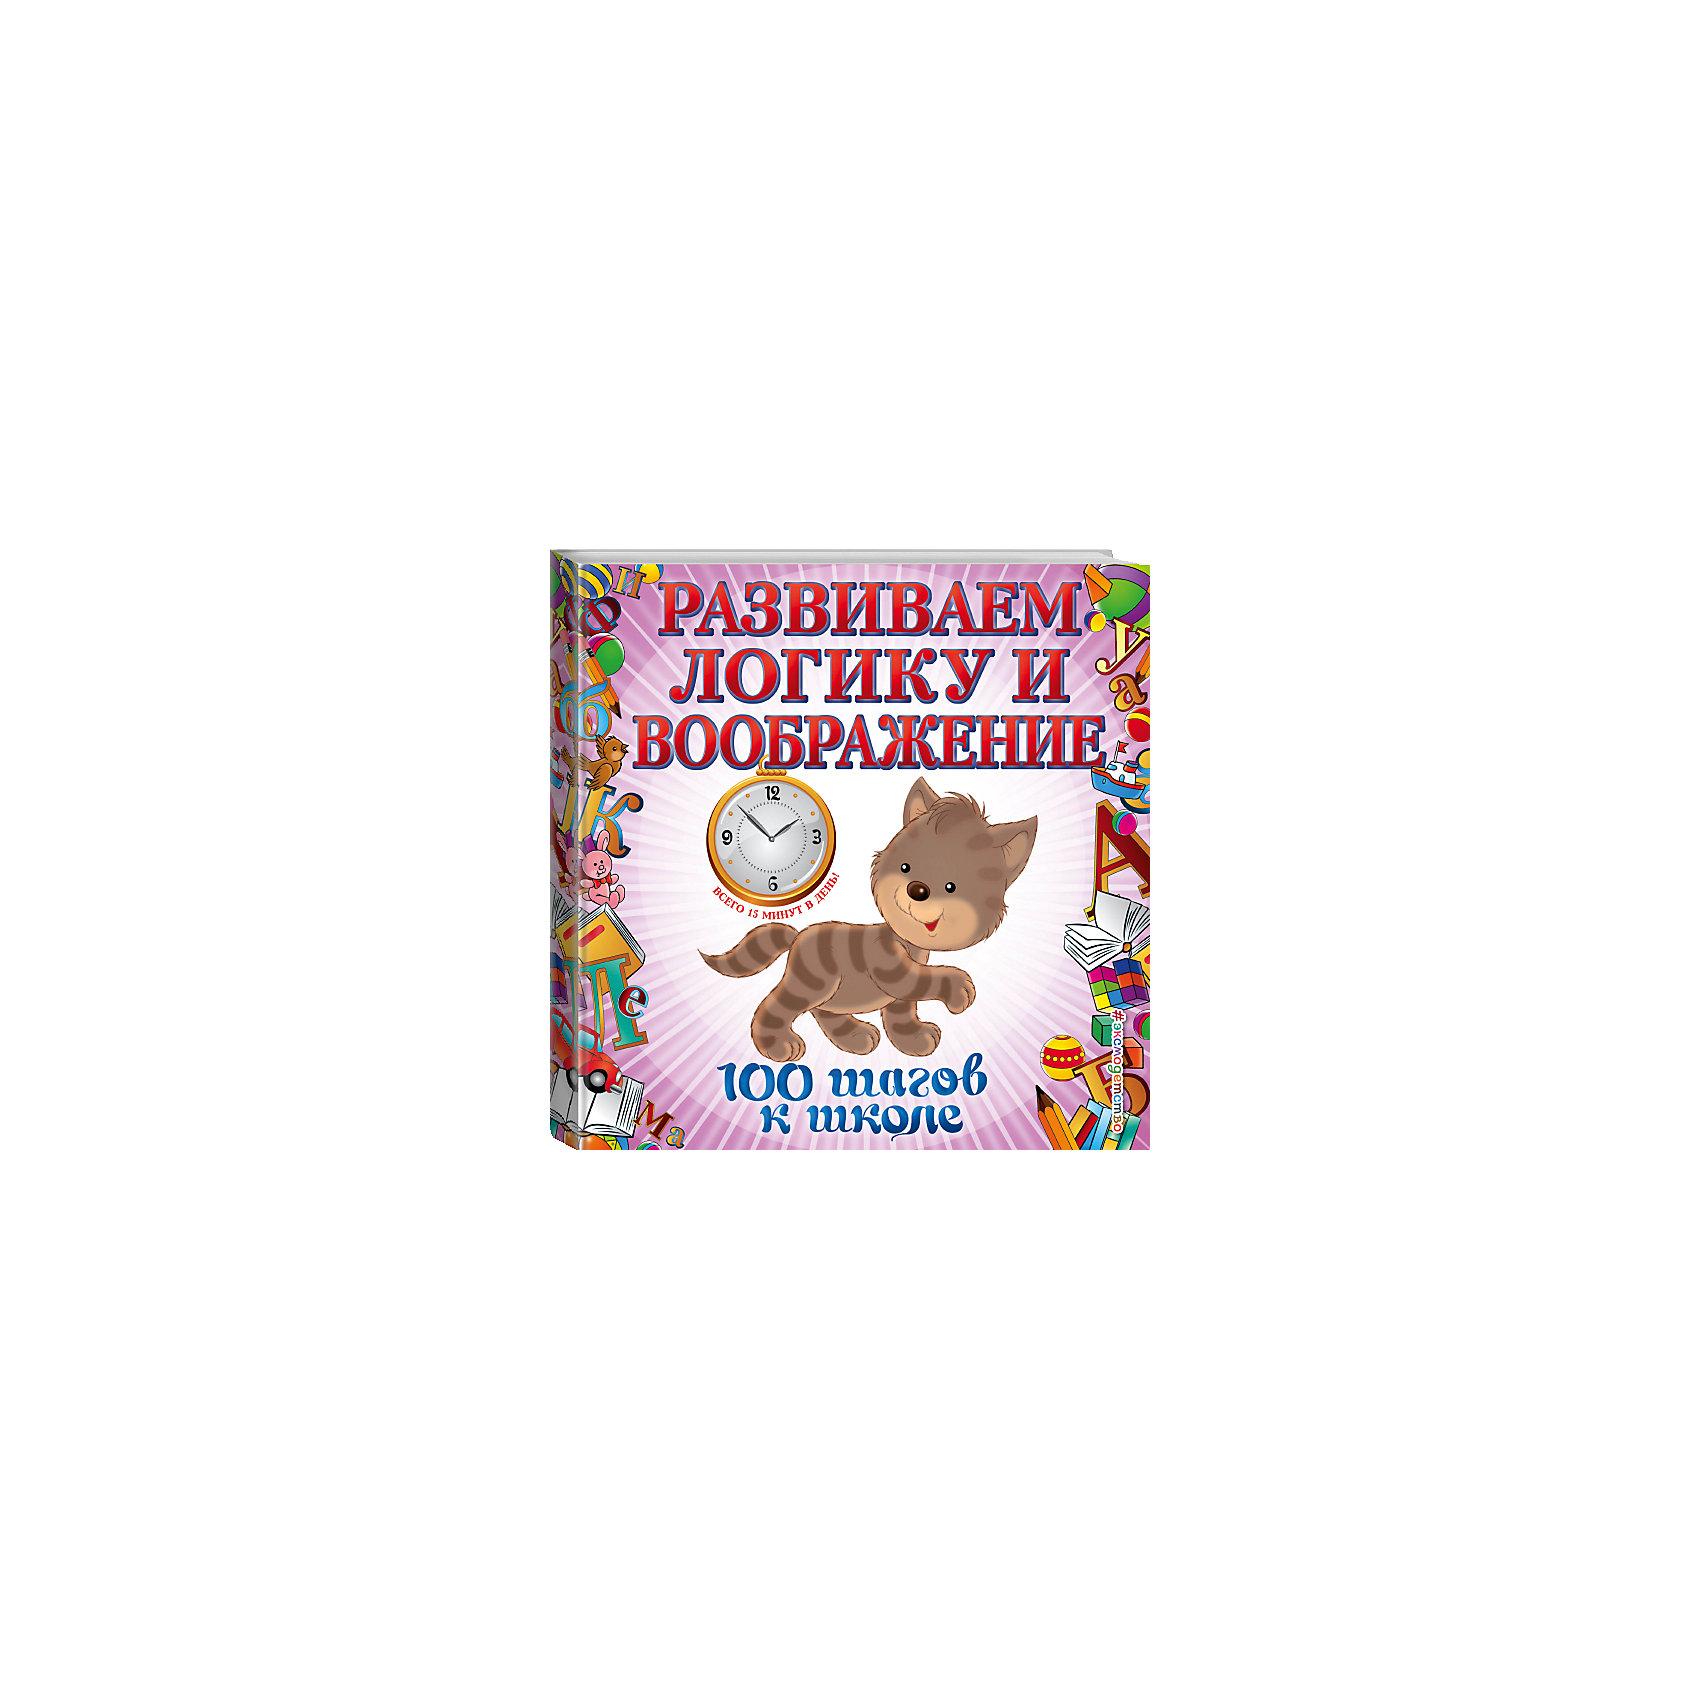 Книга Развиваем логику и воображениеТесты и задания<br>Книга рассчитана на детей 4–6 лет и включает в себя 10 занятий по 15-20 минут каждое  Красочные иллюстрации и постепенно усложняющиеся игровые заданиями призваны помочь ребенку развить логическое мышление, воображение, внимание и память. В книге рассматриваются темы, которые помогут подготовить ребенка к поступлению в школу и в дальнейшем эффективно осваивать школьную программу. Это предотвратит многие трудности, возникающие при обучении.<br>   Пособие может быть использовано, как в детских дошкольных учреждениях, так и при индивидуальных занятиях и поможет взрослым подготовить детей к школе.<br><br>Ширина мм: 210<br>Глубина мм: 210<br>Высота мм: 30<br>Вес г: 70<br>Возраст от месяцев: 48<br>Возраст до месяцев: 168<br>Пол: Унисекс<br>Возраст: Детский<br>SKU: 5535193